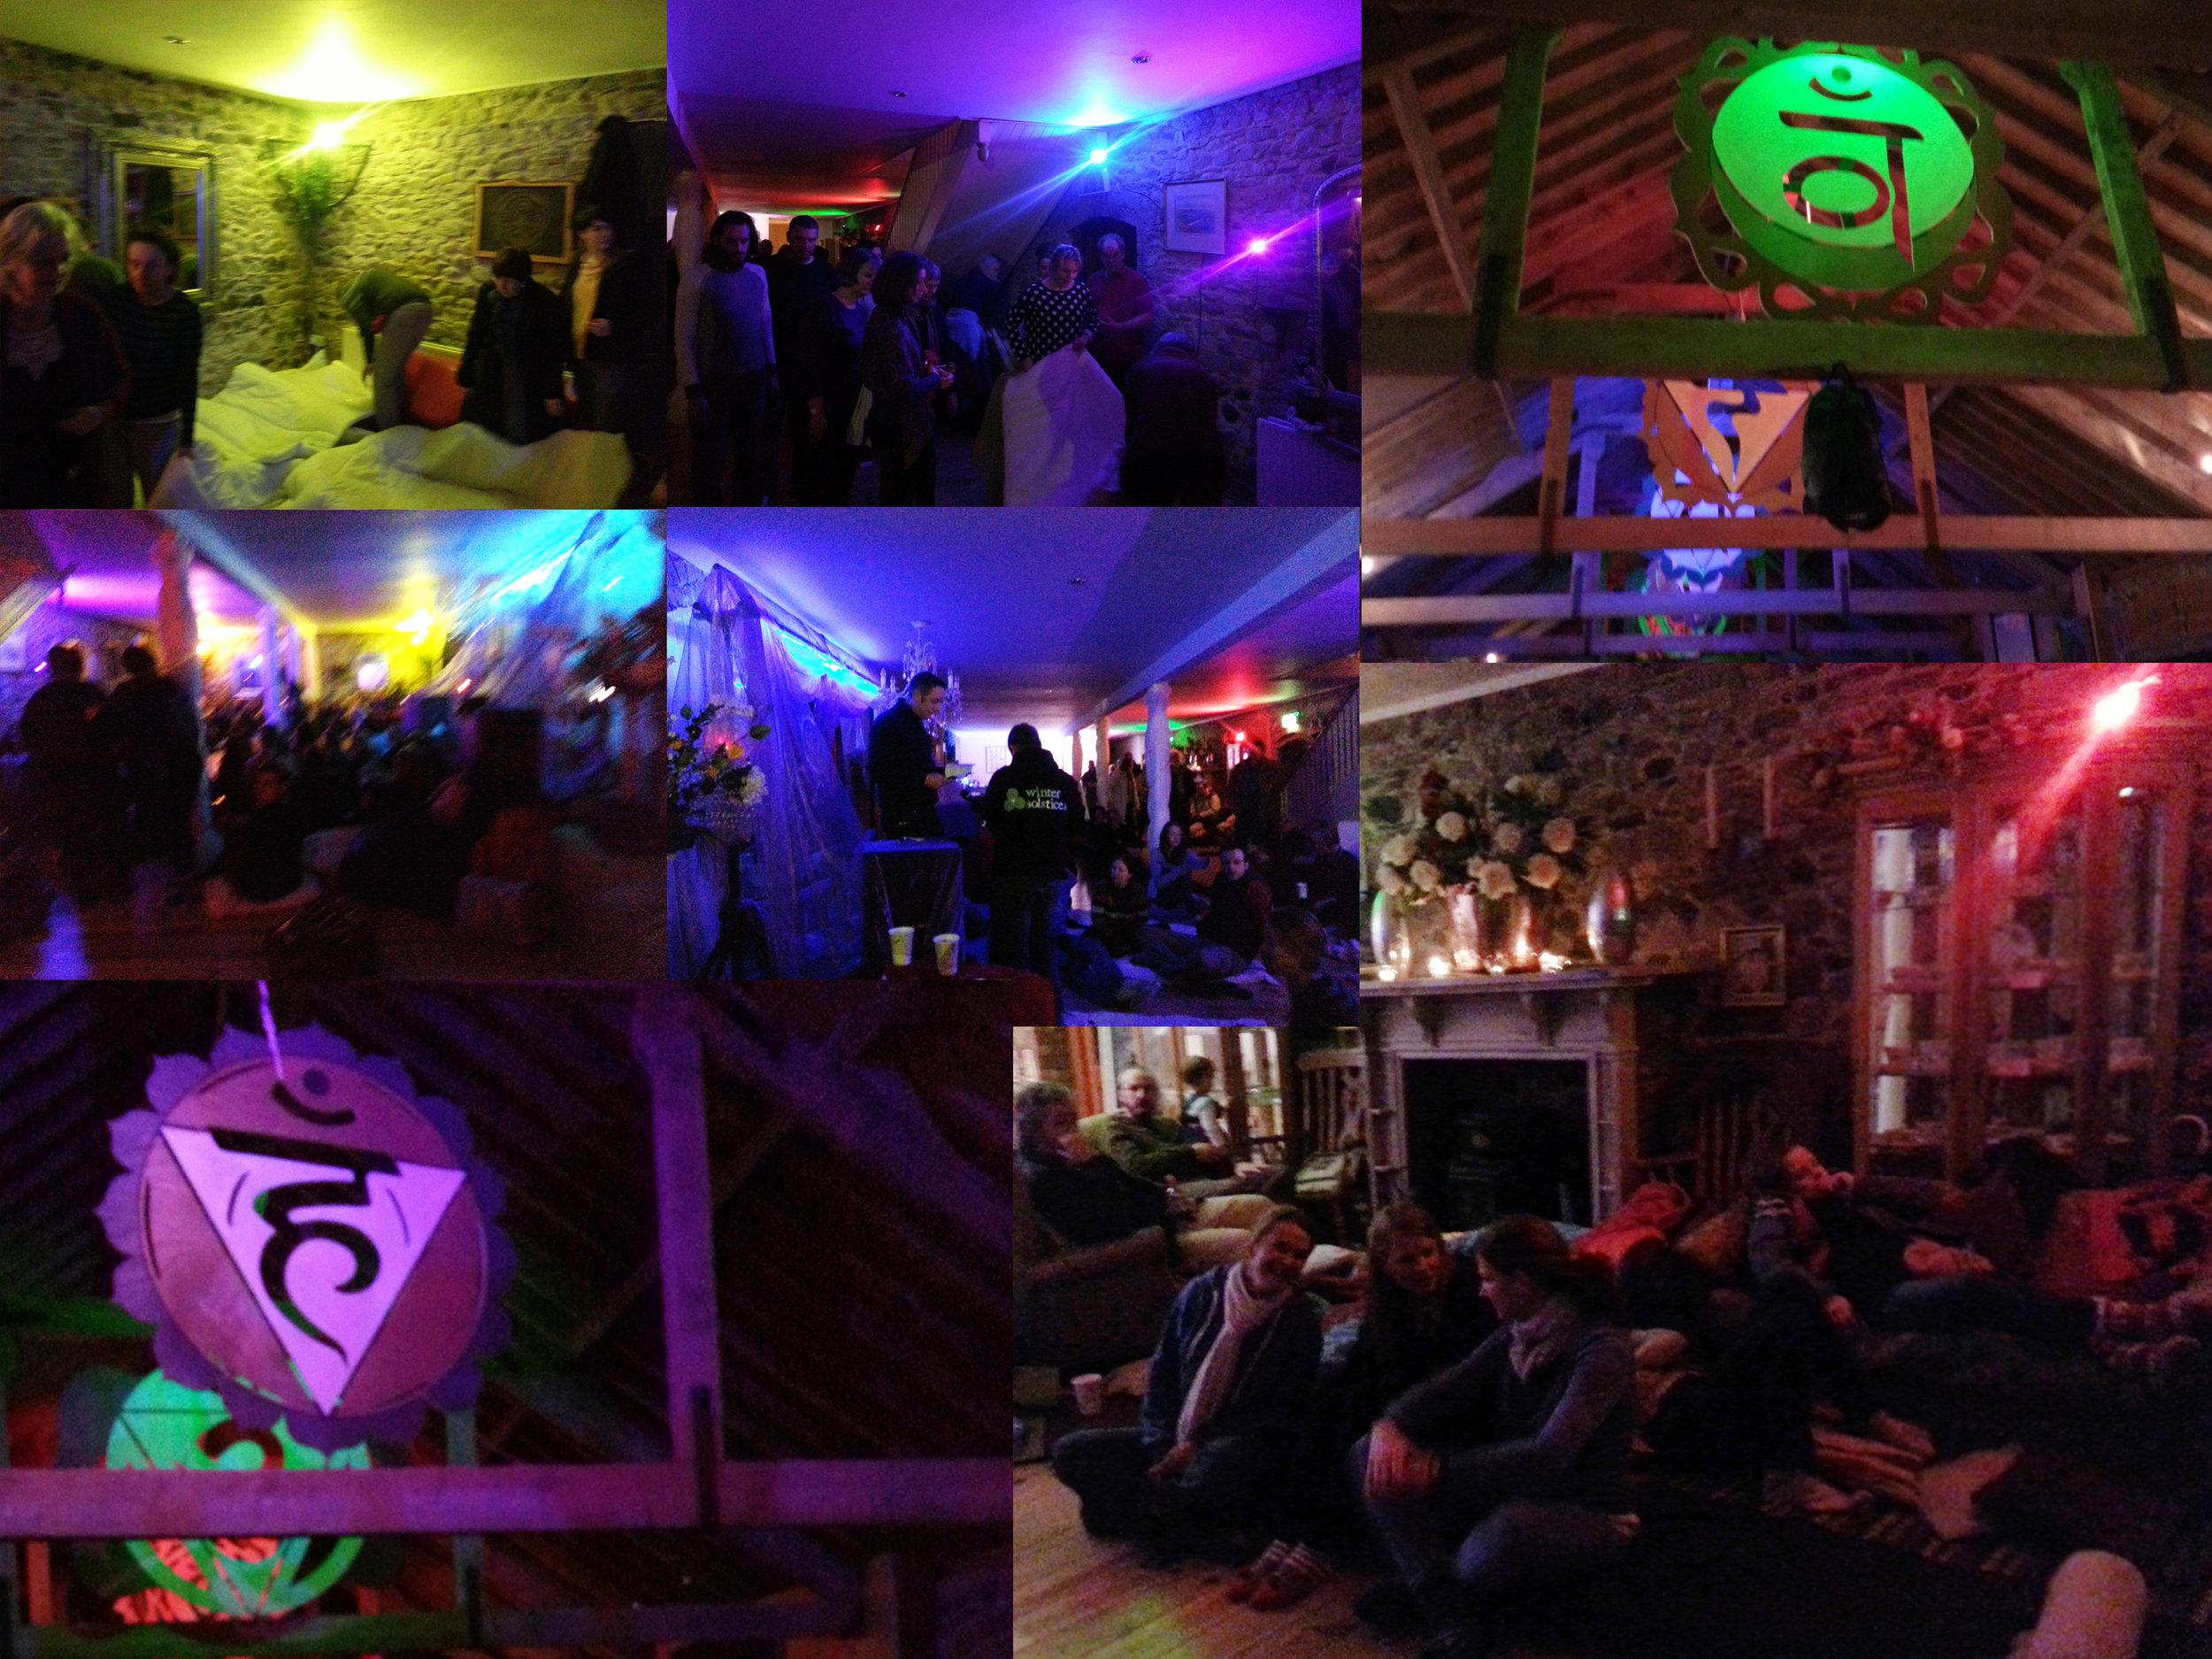 HD-solstice-discover-ireland-glebe-house-venue-dowth-newgrange-winter.jpg